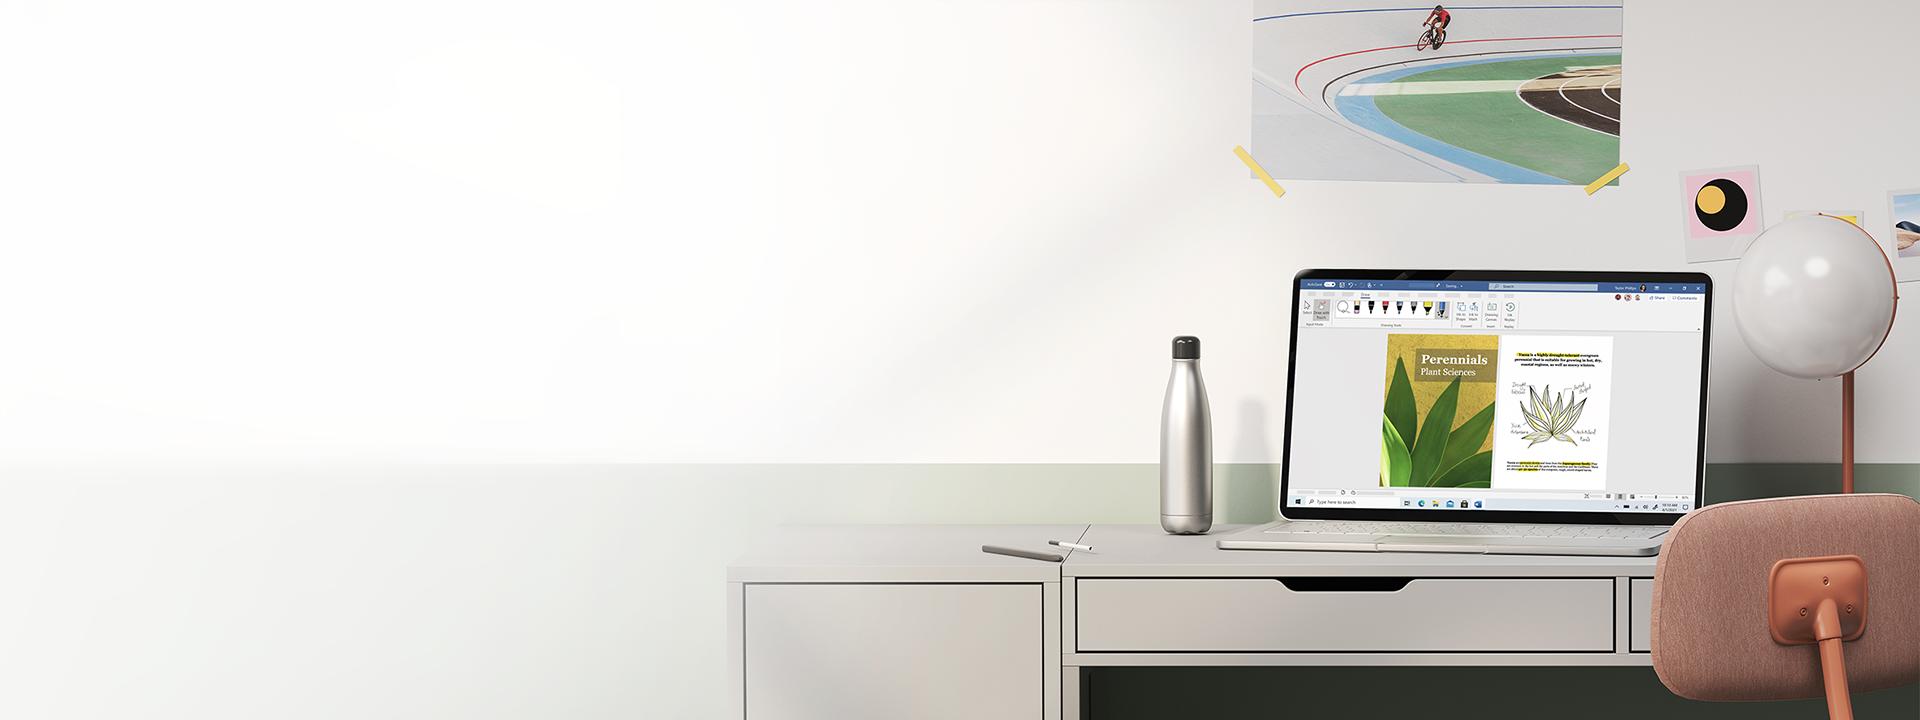 Masanın üzerinde duran Windows10 dizüstü bilgisayar